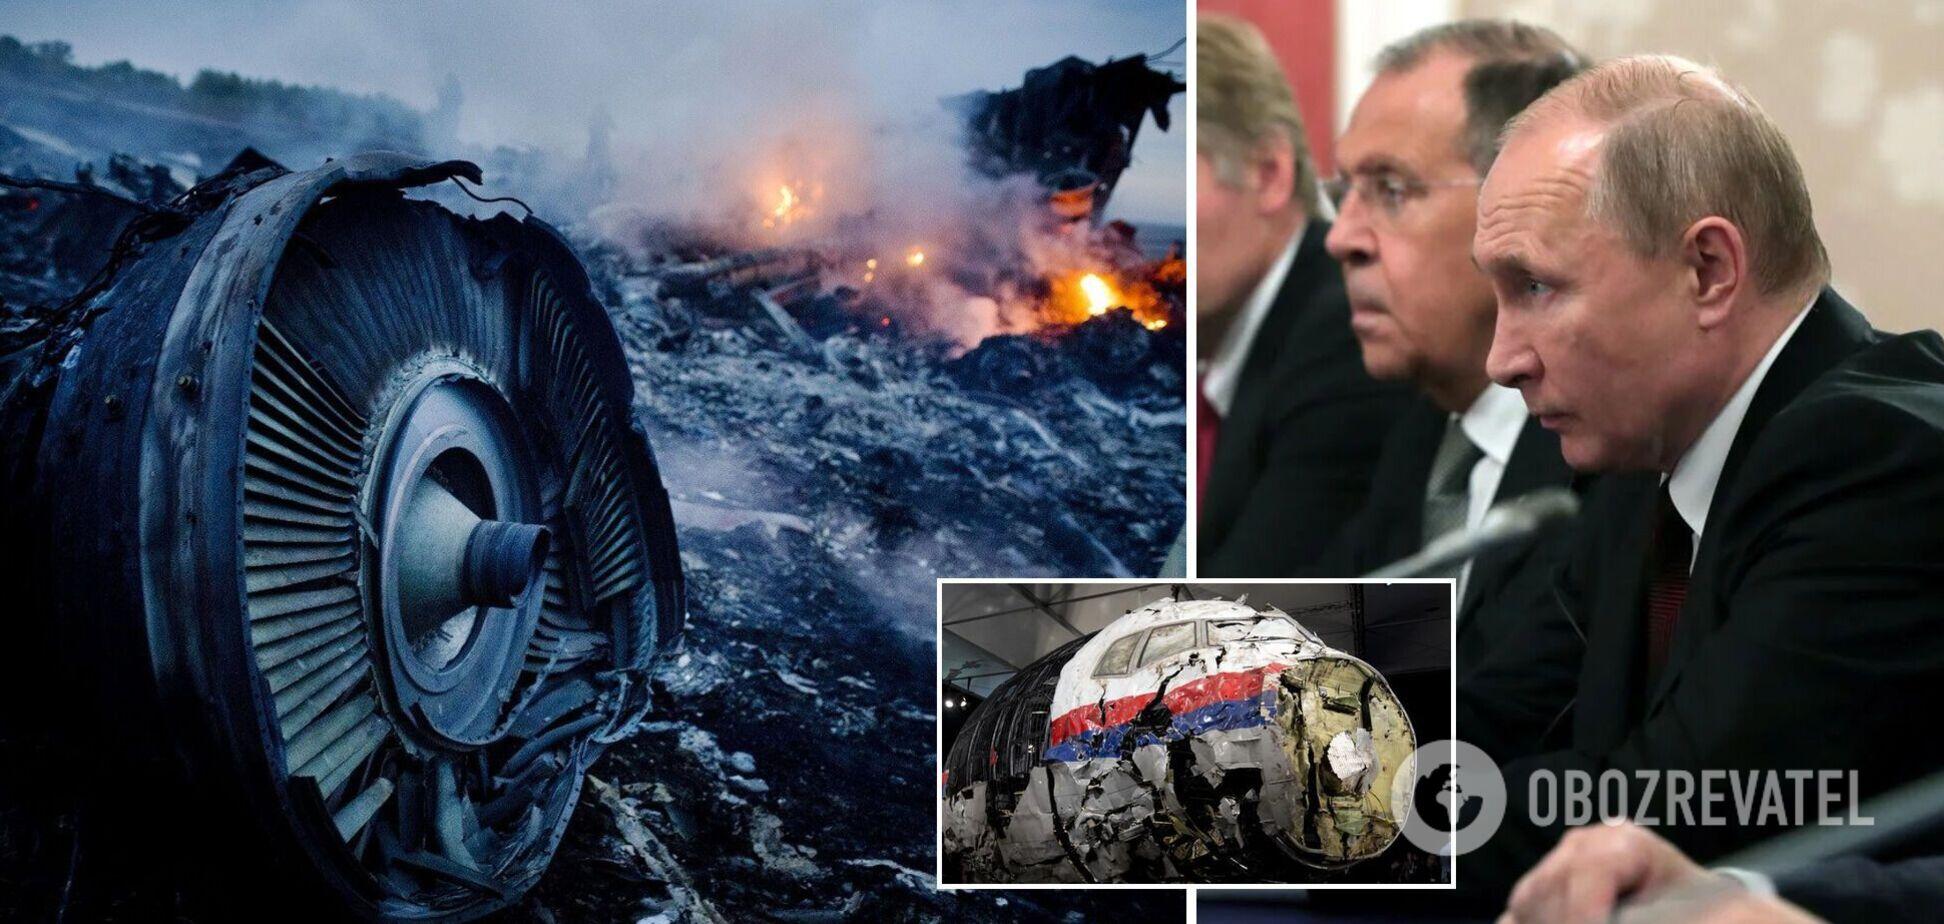 Батько загиблої в катастрофі МН17 звернувся до Путіна: чи розуміє він, що родичі також шукають правди?